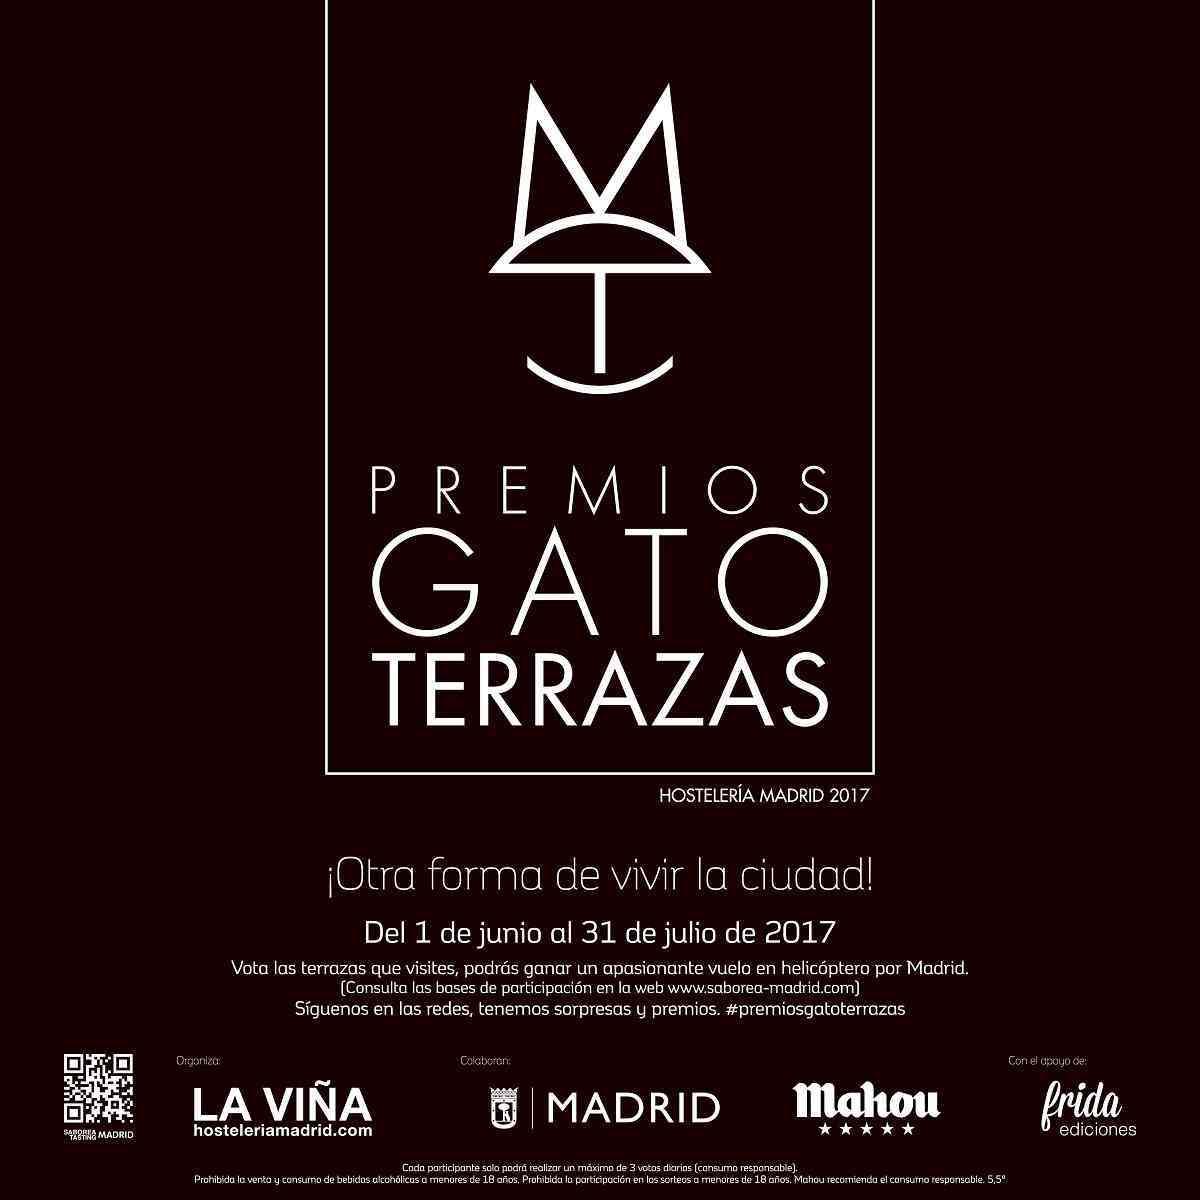 Premios Gato Terrazas Madrid para elegir la mejor terraza de la capital 1